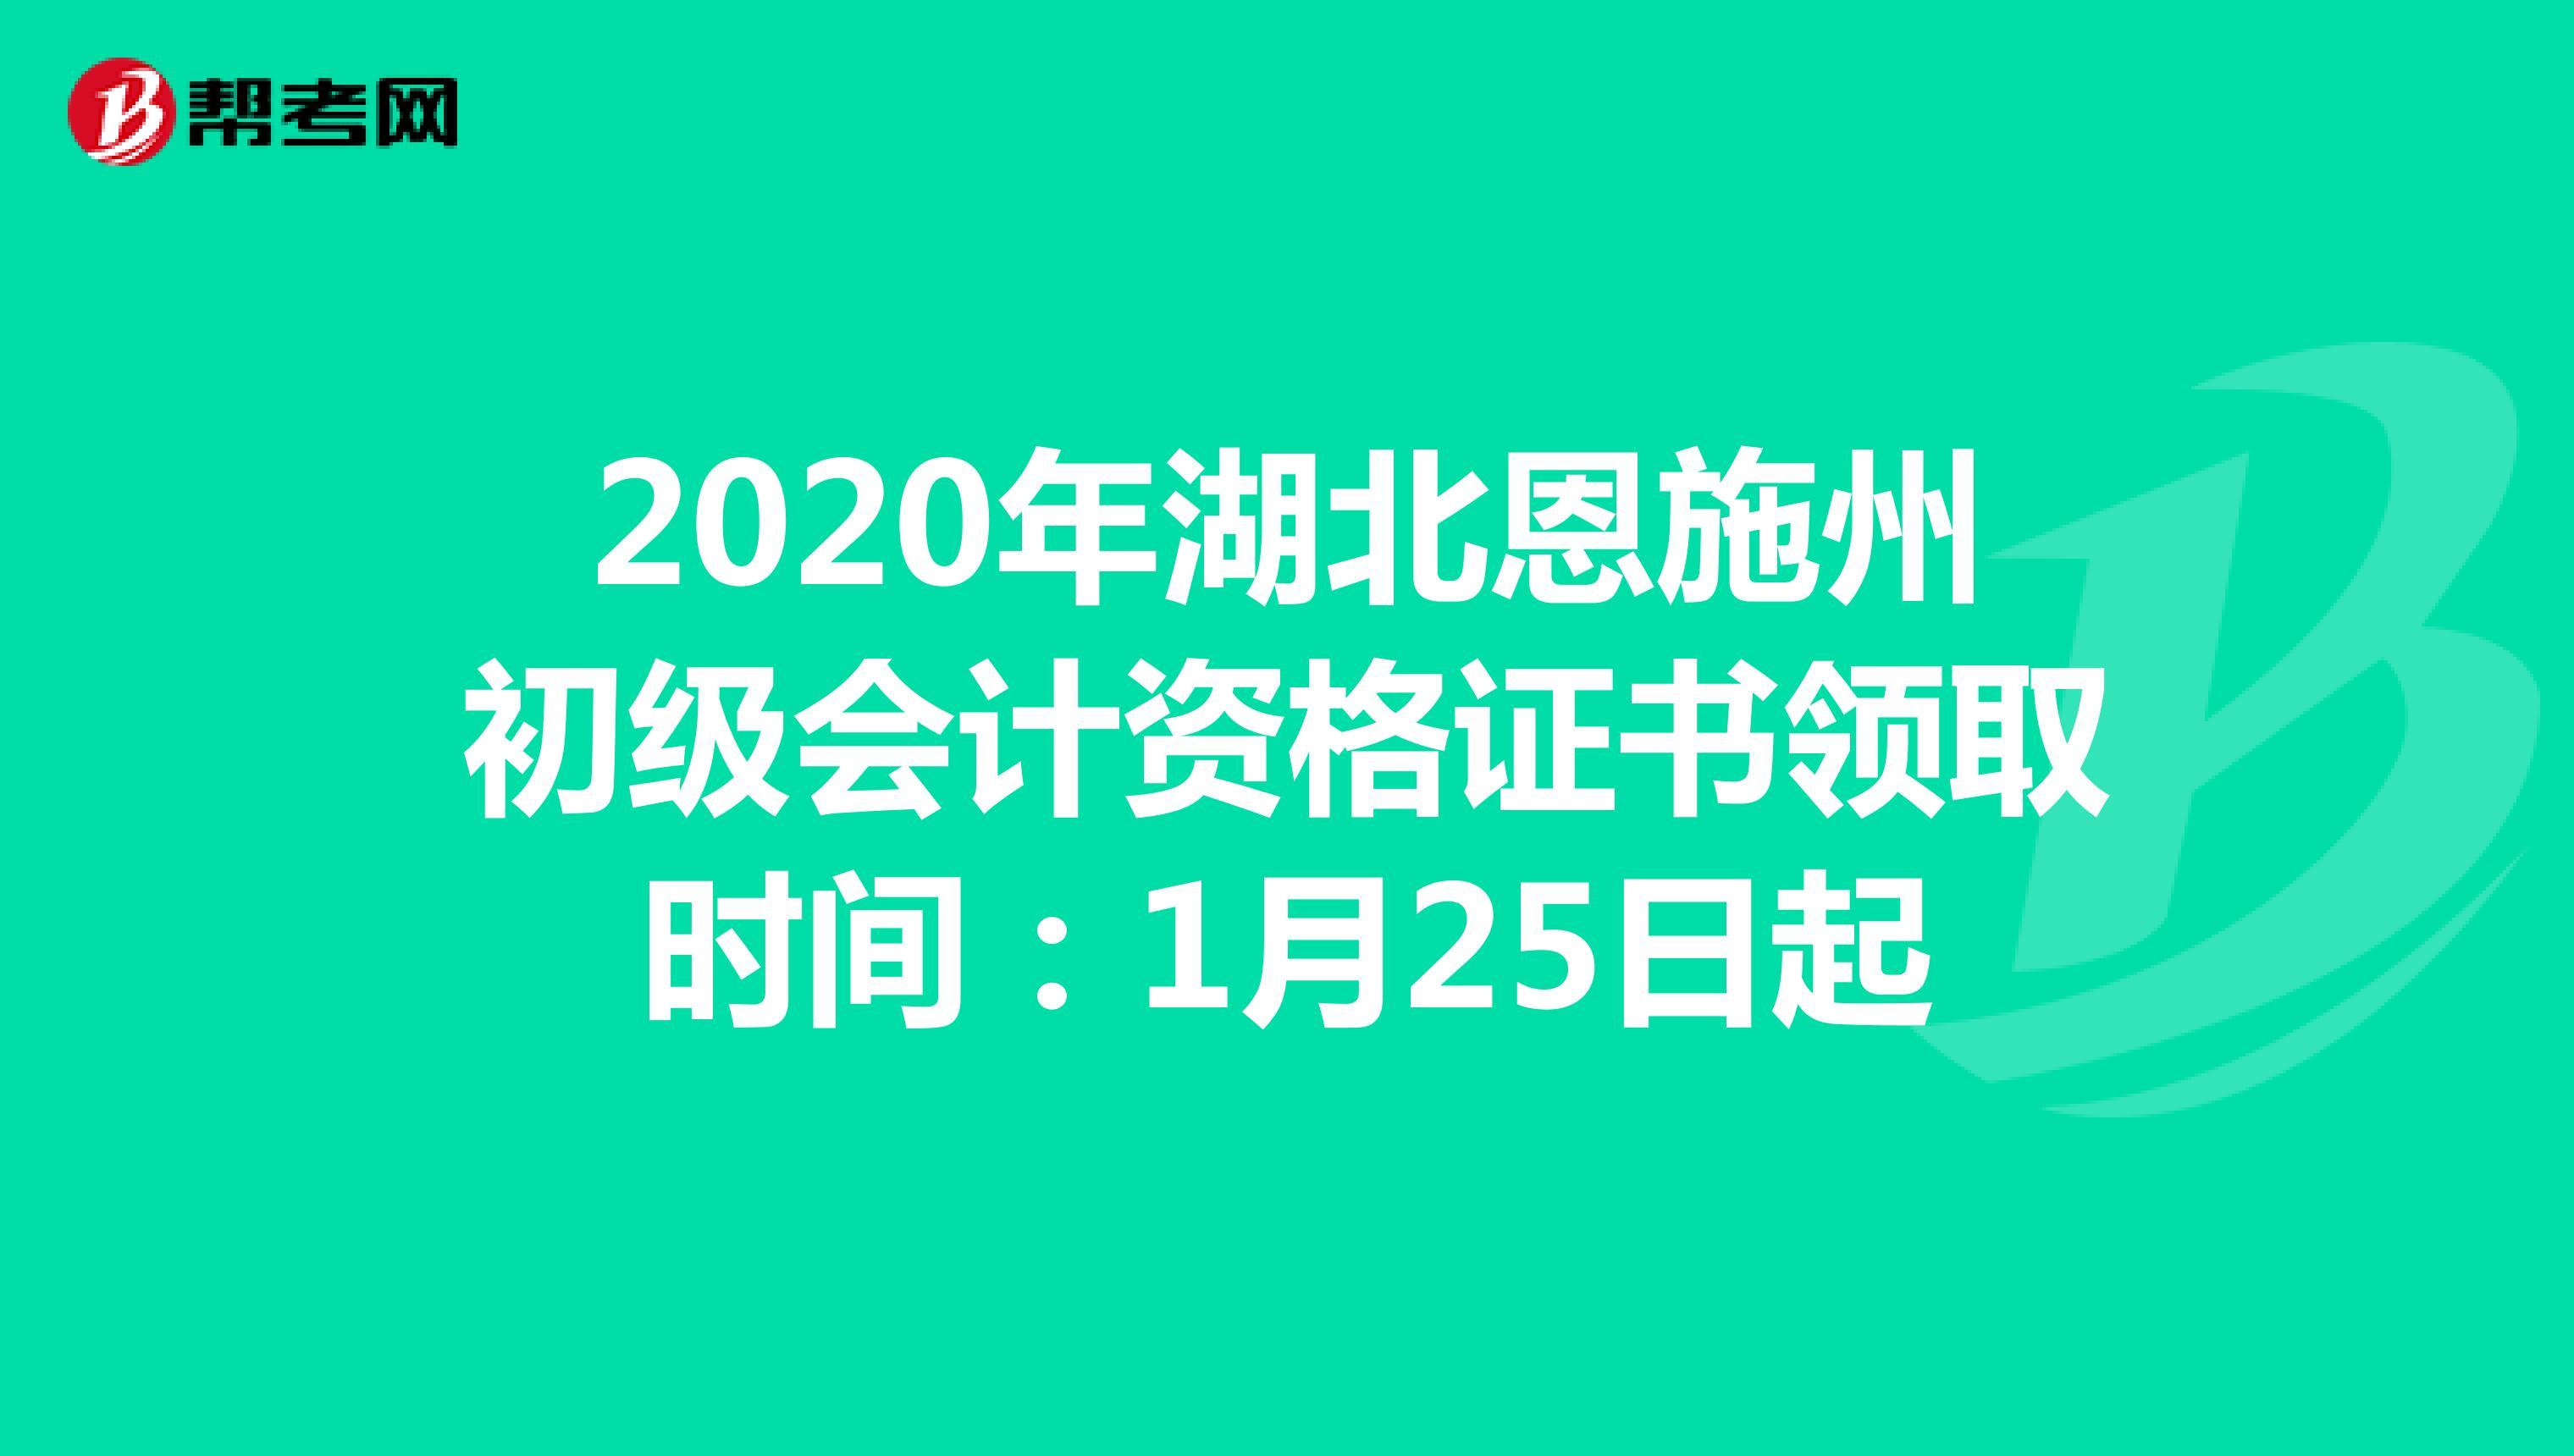 2020年湖北恩施州初级会计资格证书领取时间:1月25日起